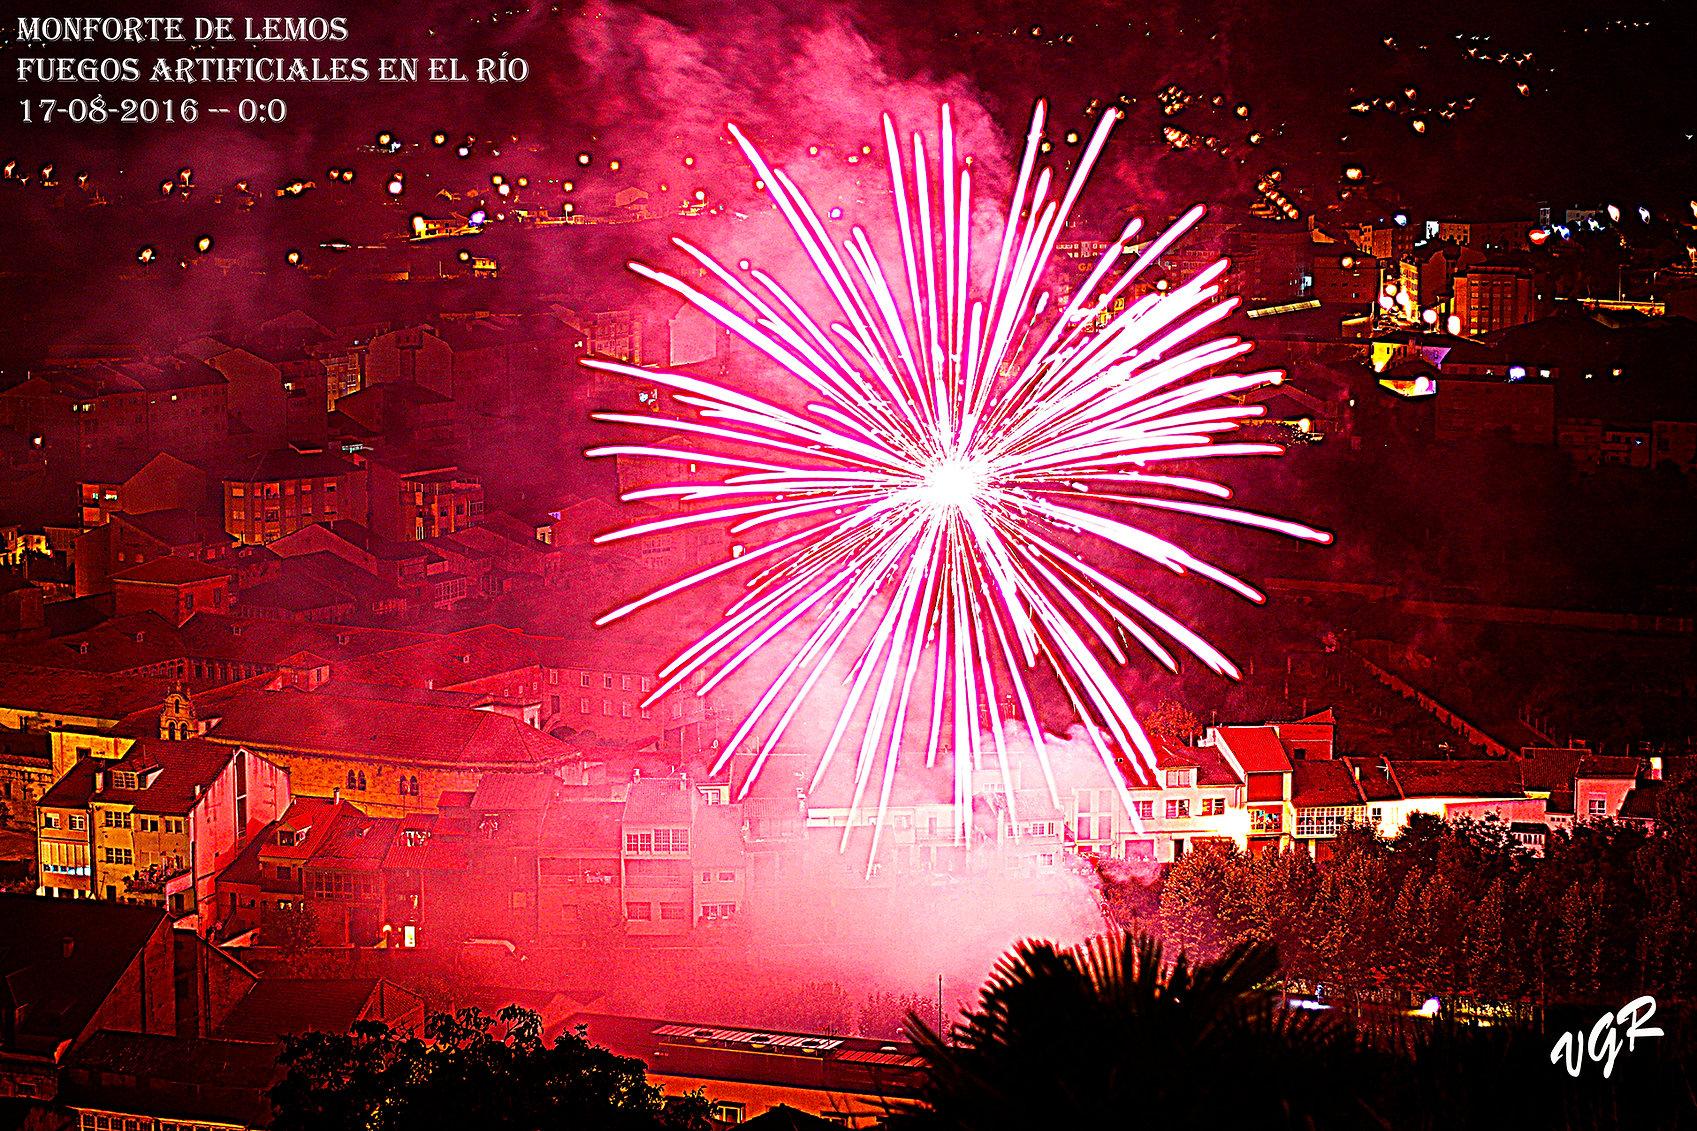 Fuegos-rio-1b.jpg